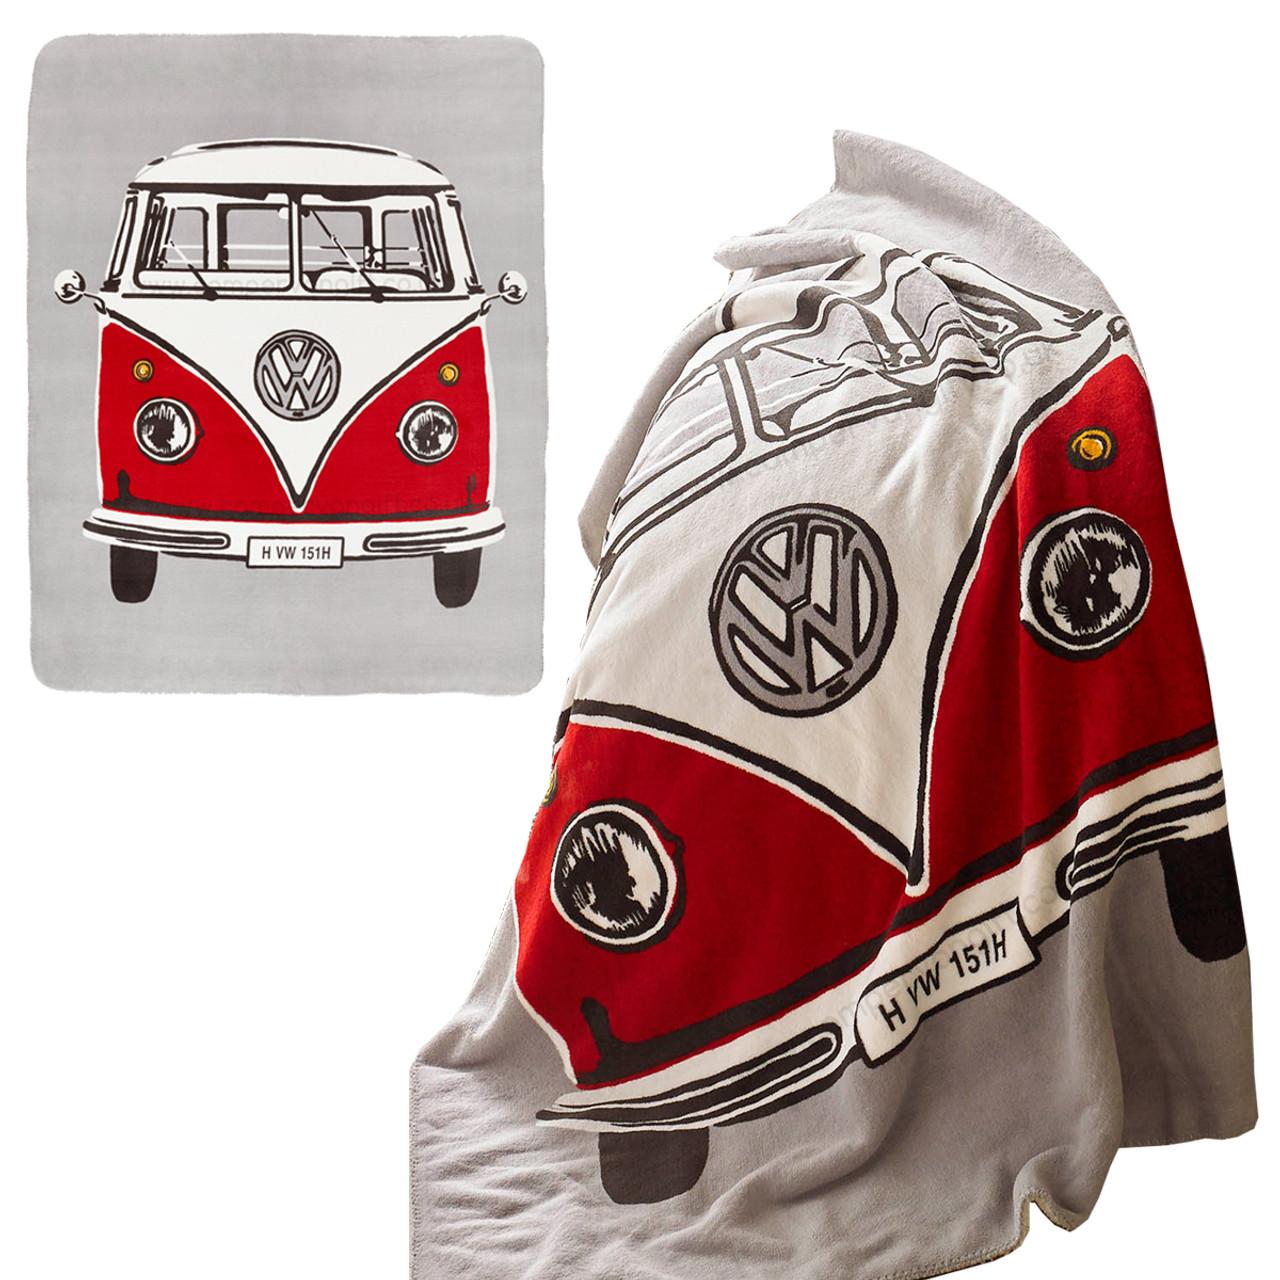 Volkswagen Red Retro Campervan Fleece Throw Blanket a9ce4eaed